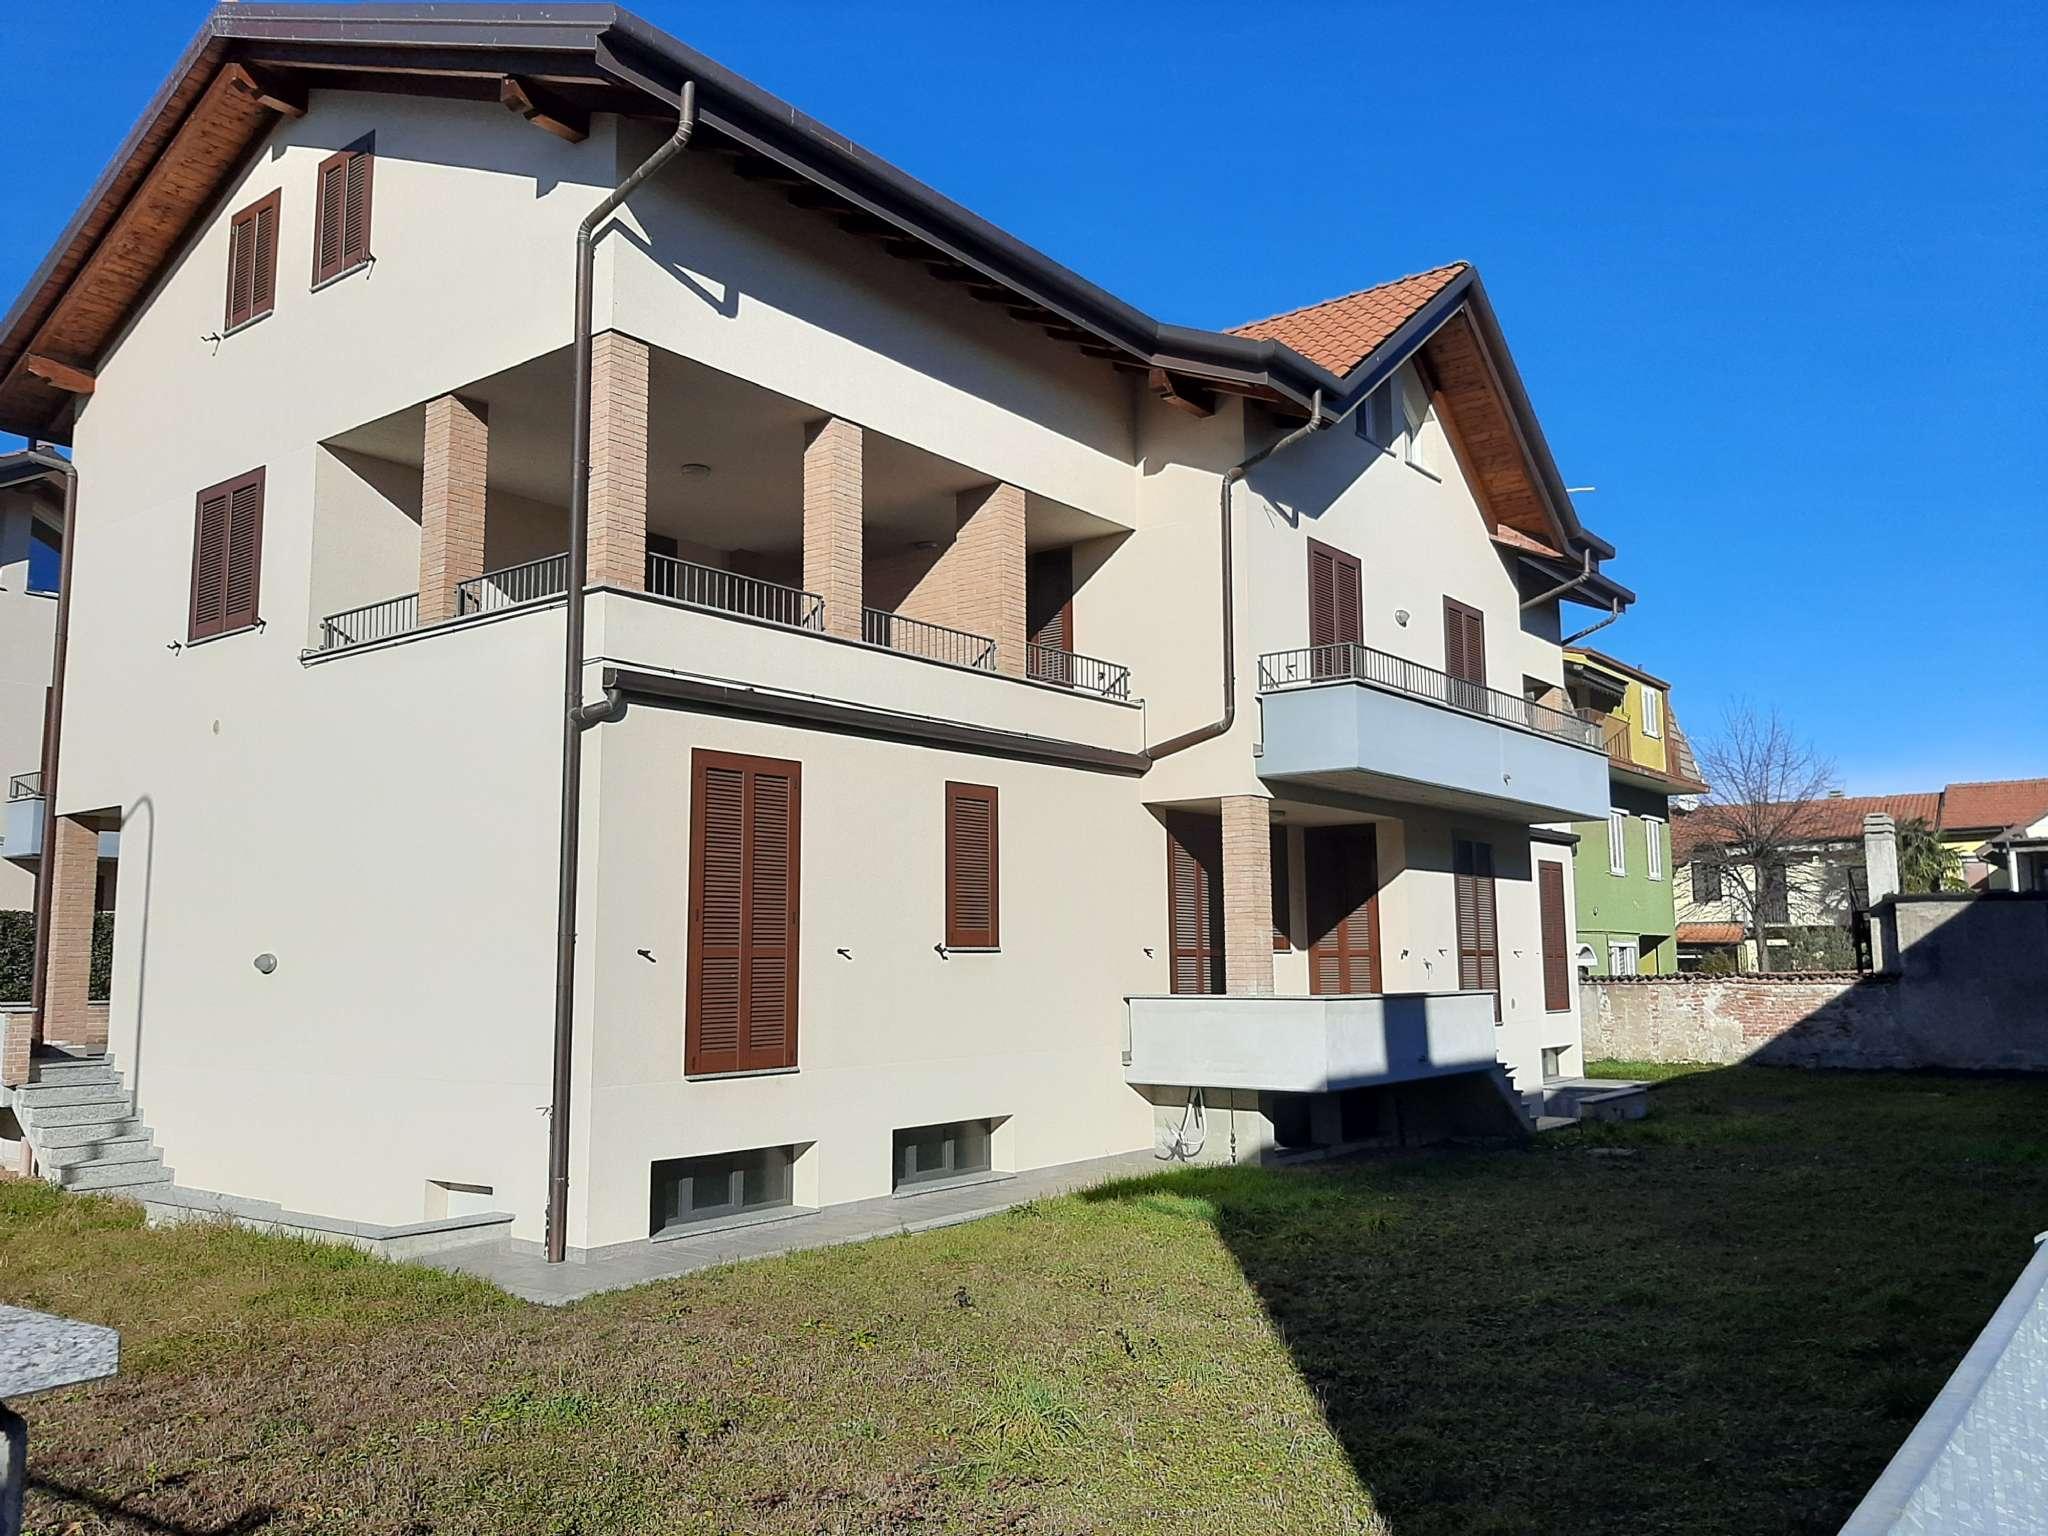 Appartamento in vendita a Buscate, 3 locali, prezzo € 200.000 | PortaleAgenzieImmobiliari.it